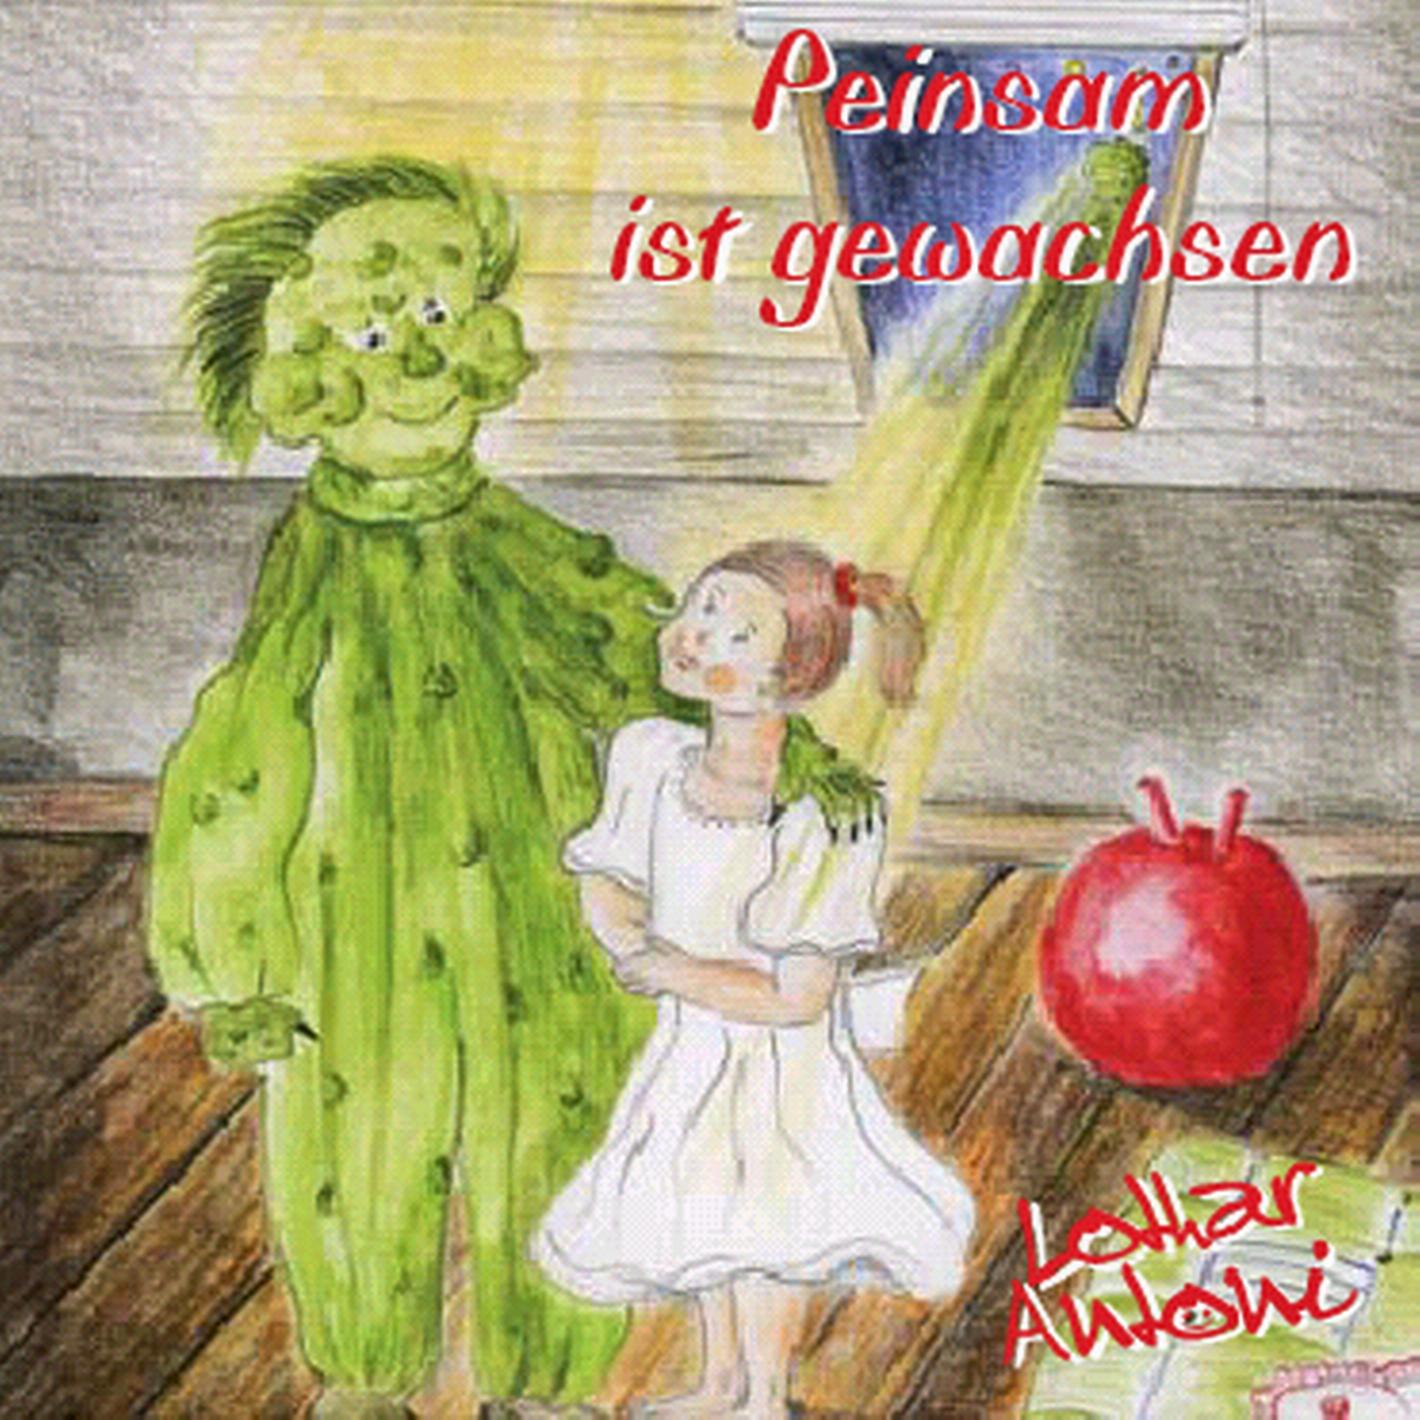 Peinsam ist gewachsen (CD)